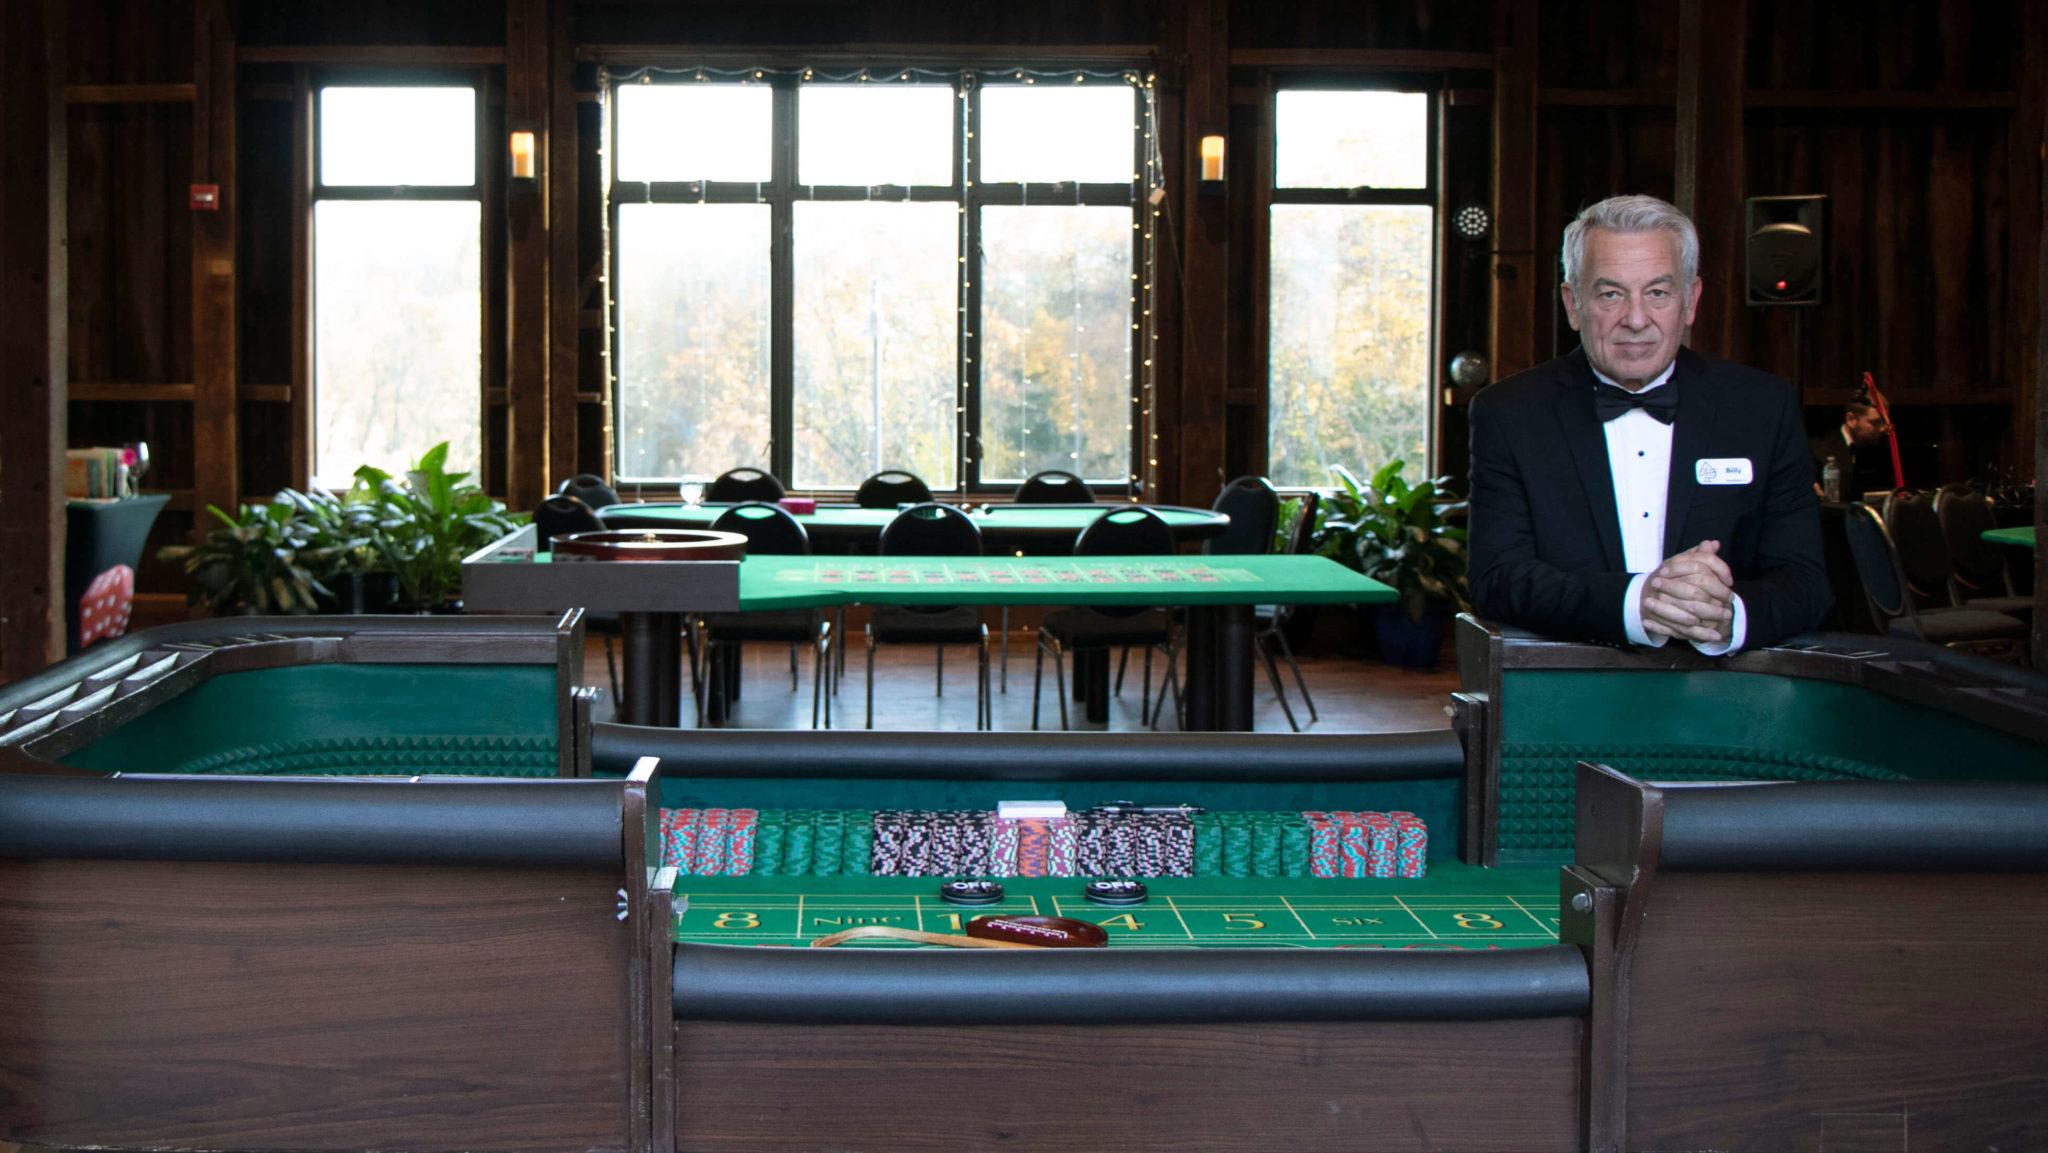 Craps casino party game